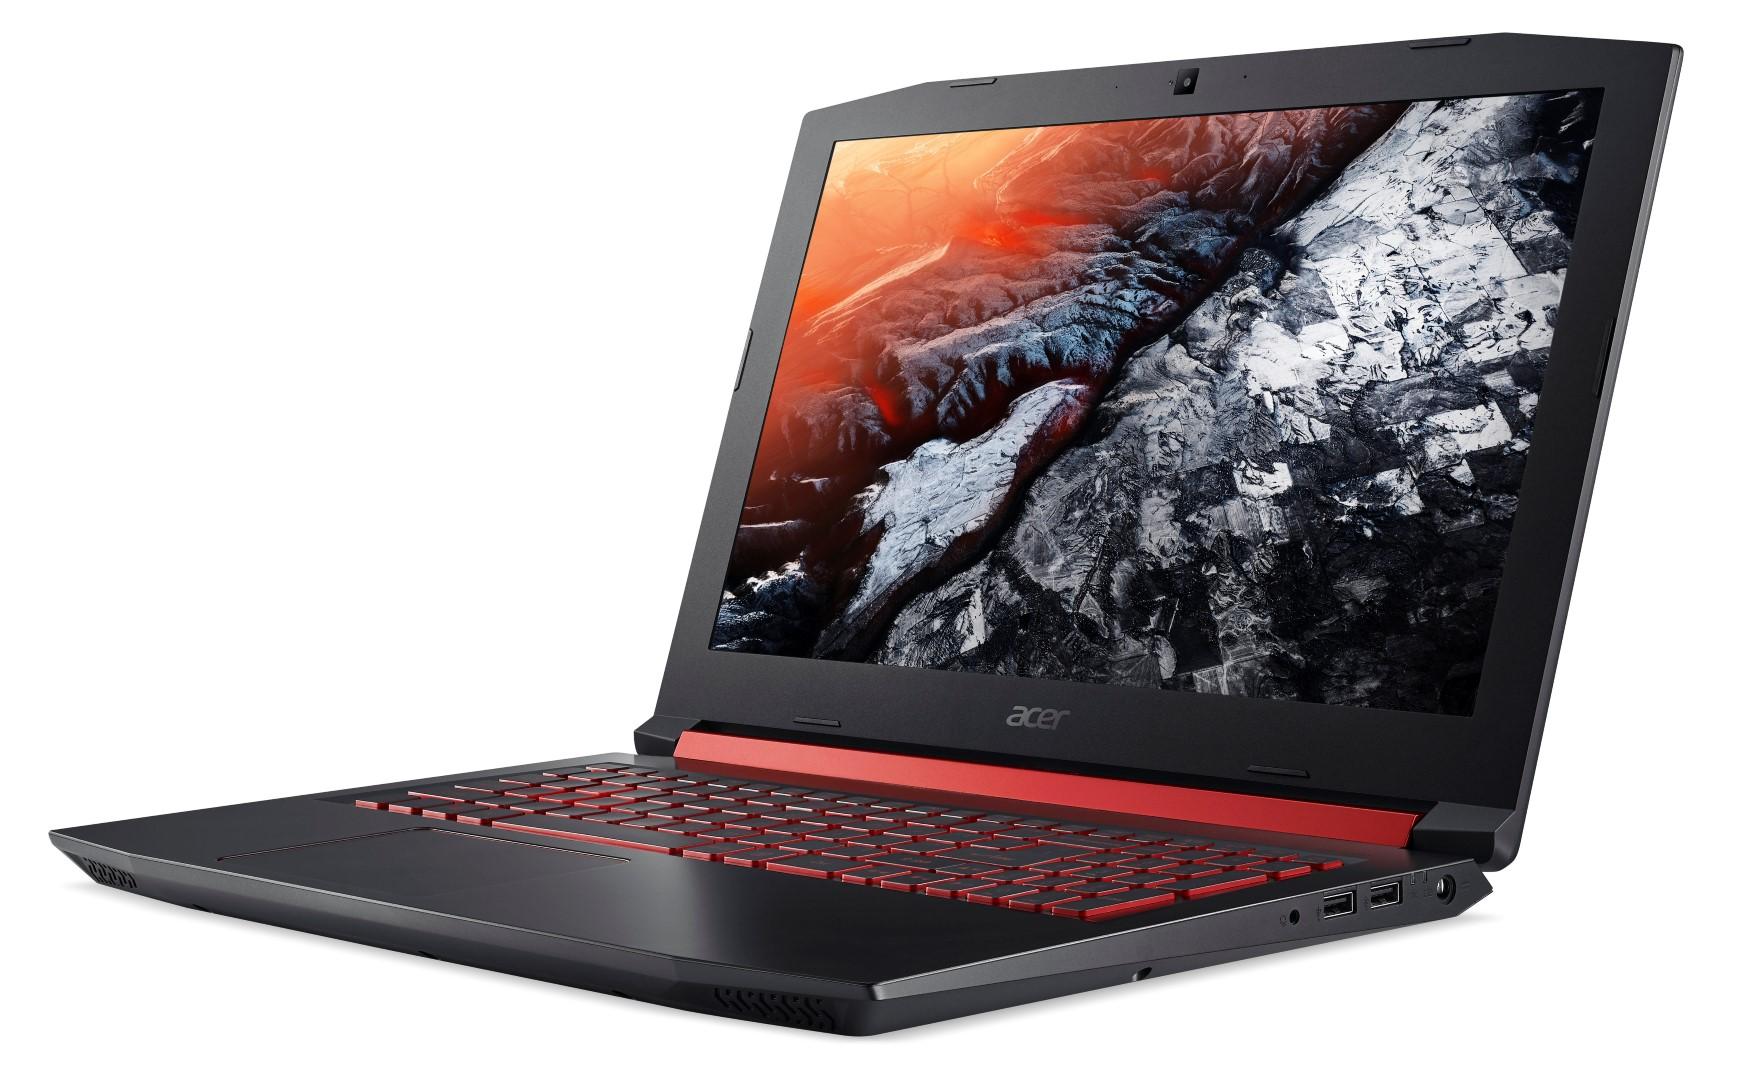 acer nitro 5 gaming laptop mit amd oder geforce gpu. Black Bedroom Furniture Sets. Home Design Ideas